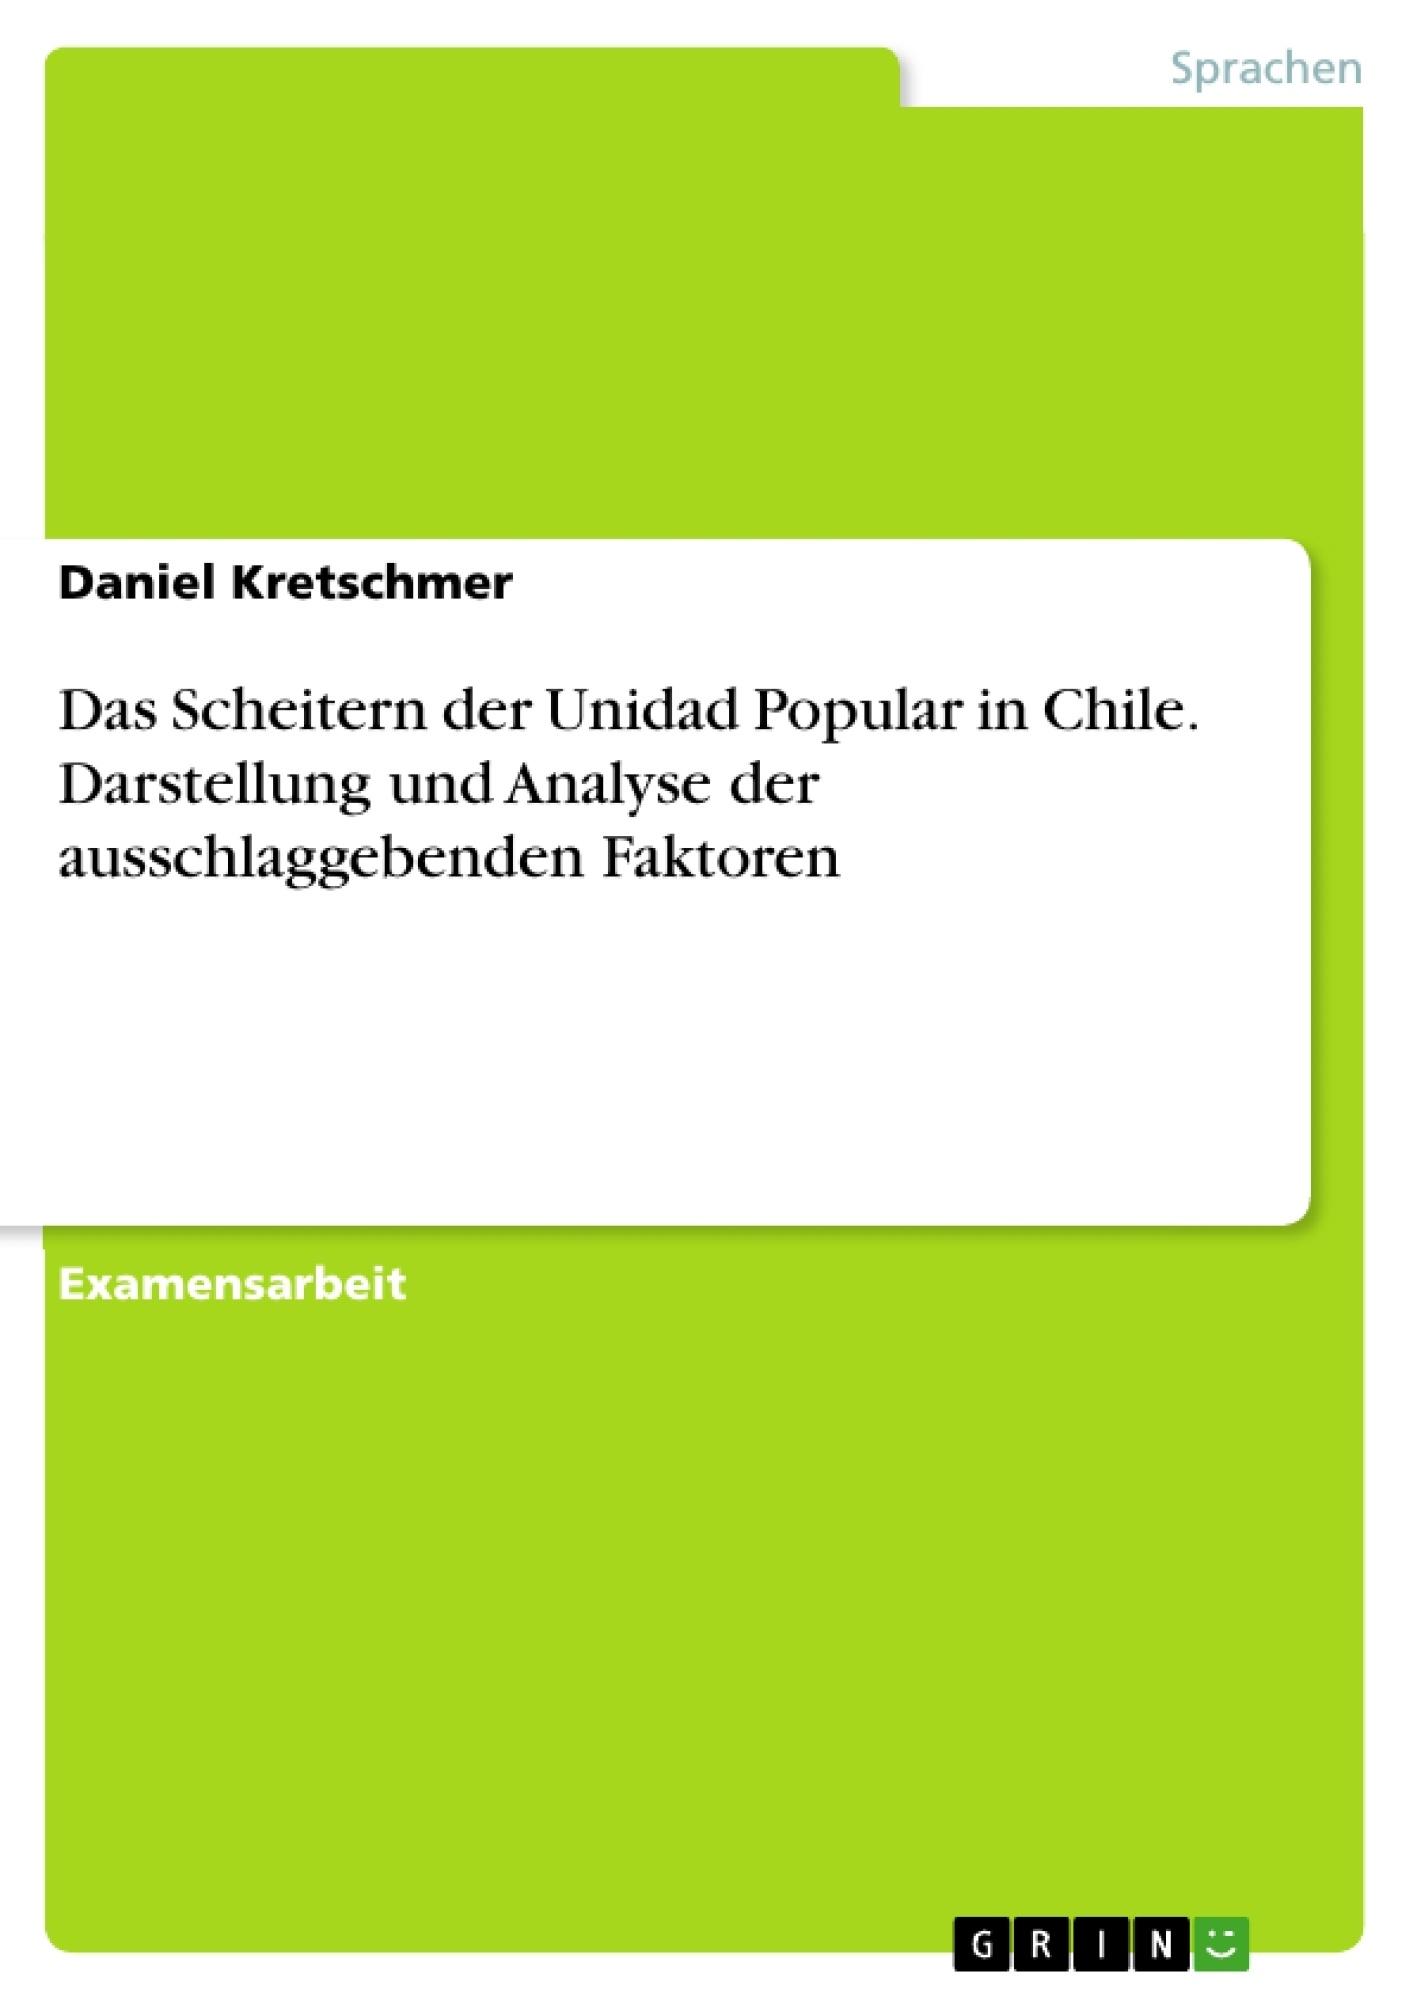 Titel: Das Scheitern der Unidad Popular in Chile. Darstellung und Analyse der ausschlaggebenden Faktoren